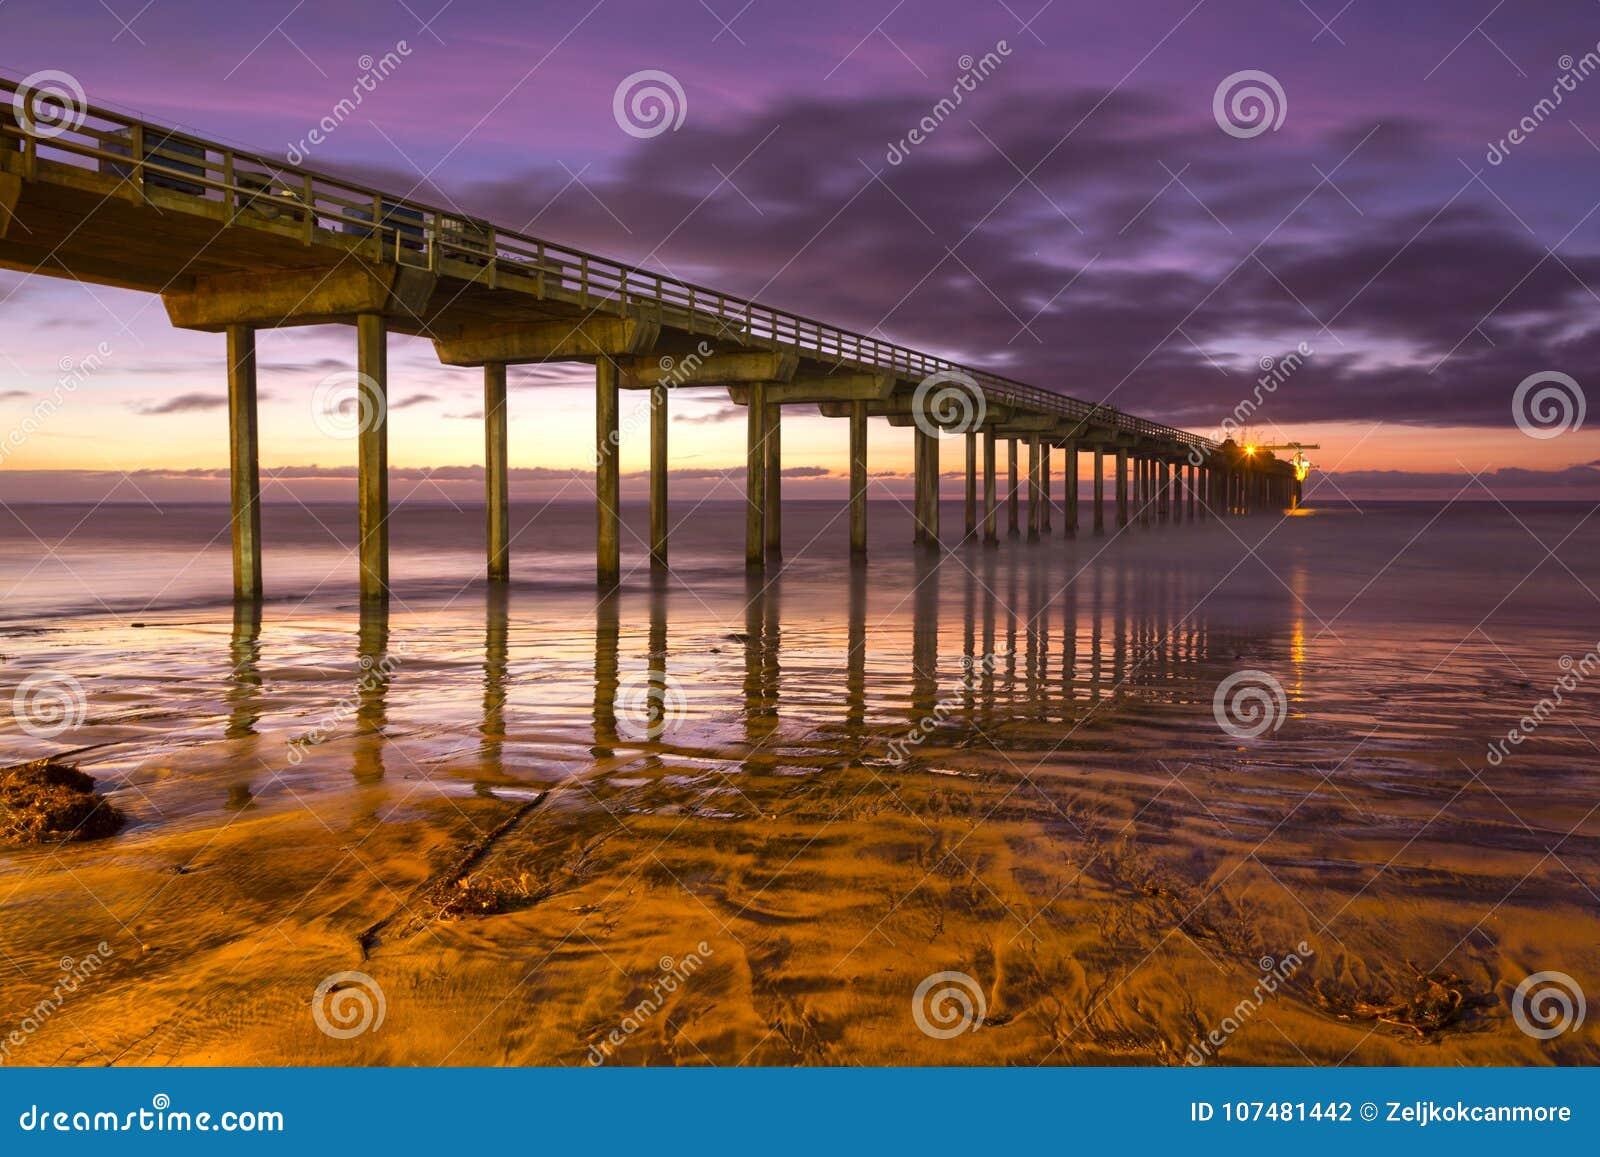 Spiaggia San Diego California di Scripps Pier Sunset Colors La Jolla Shores